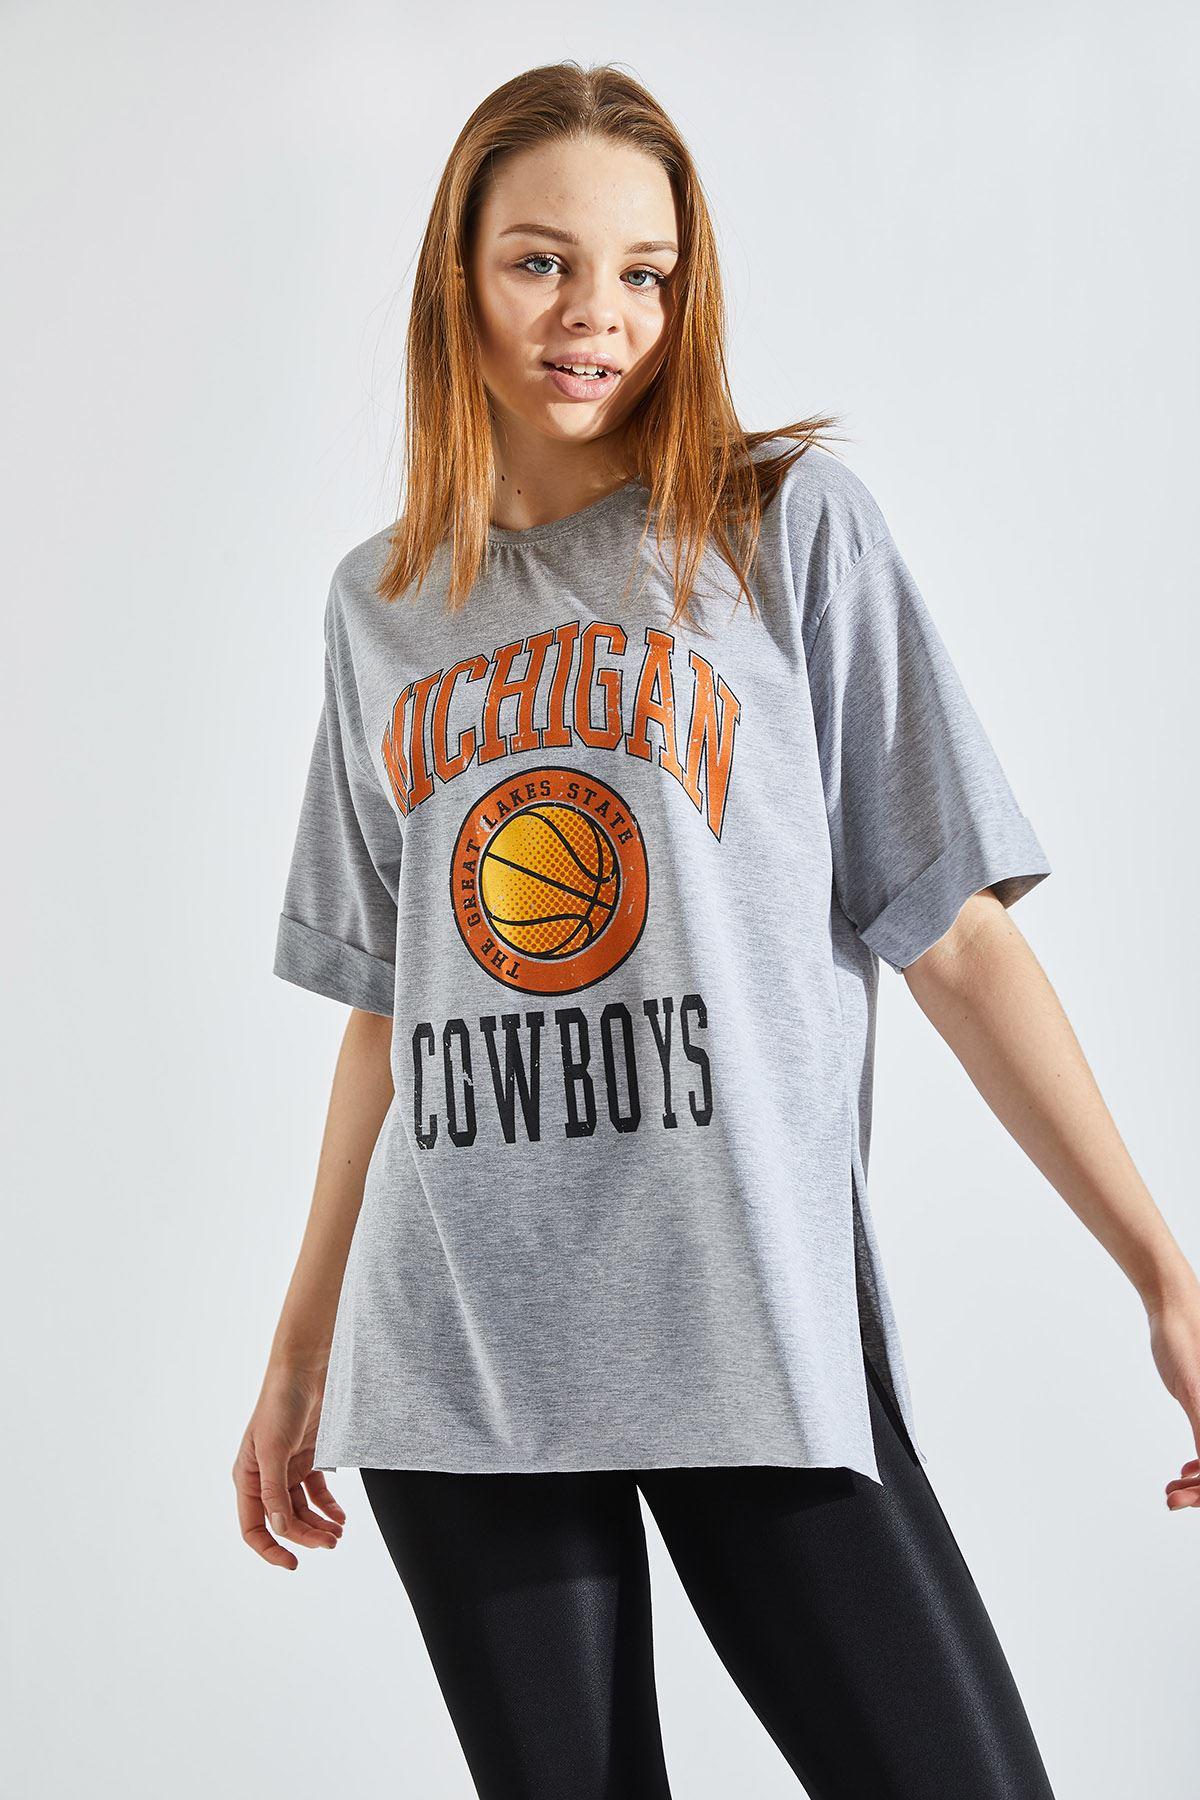 Kadın Salaş Kowboys Baskılı Gri Tişört